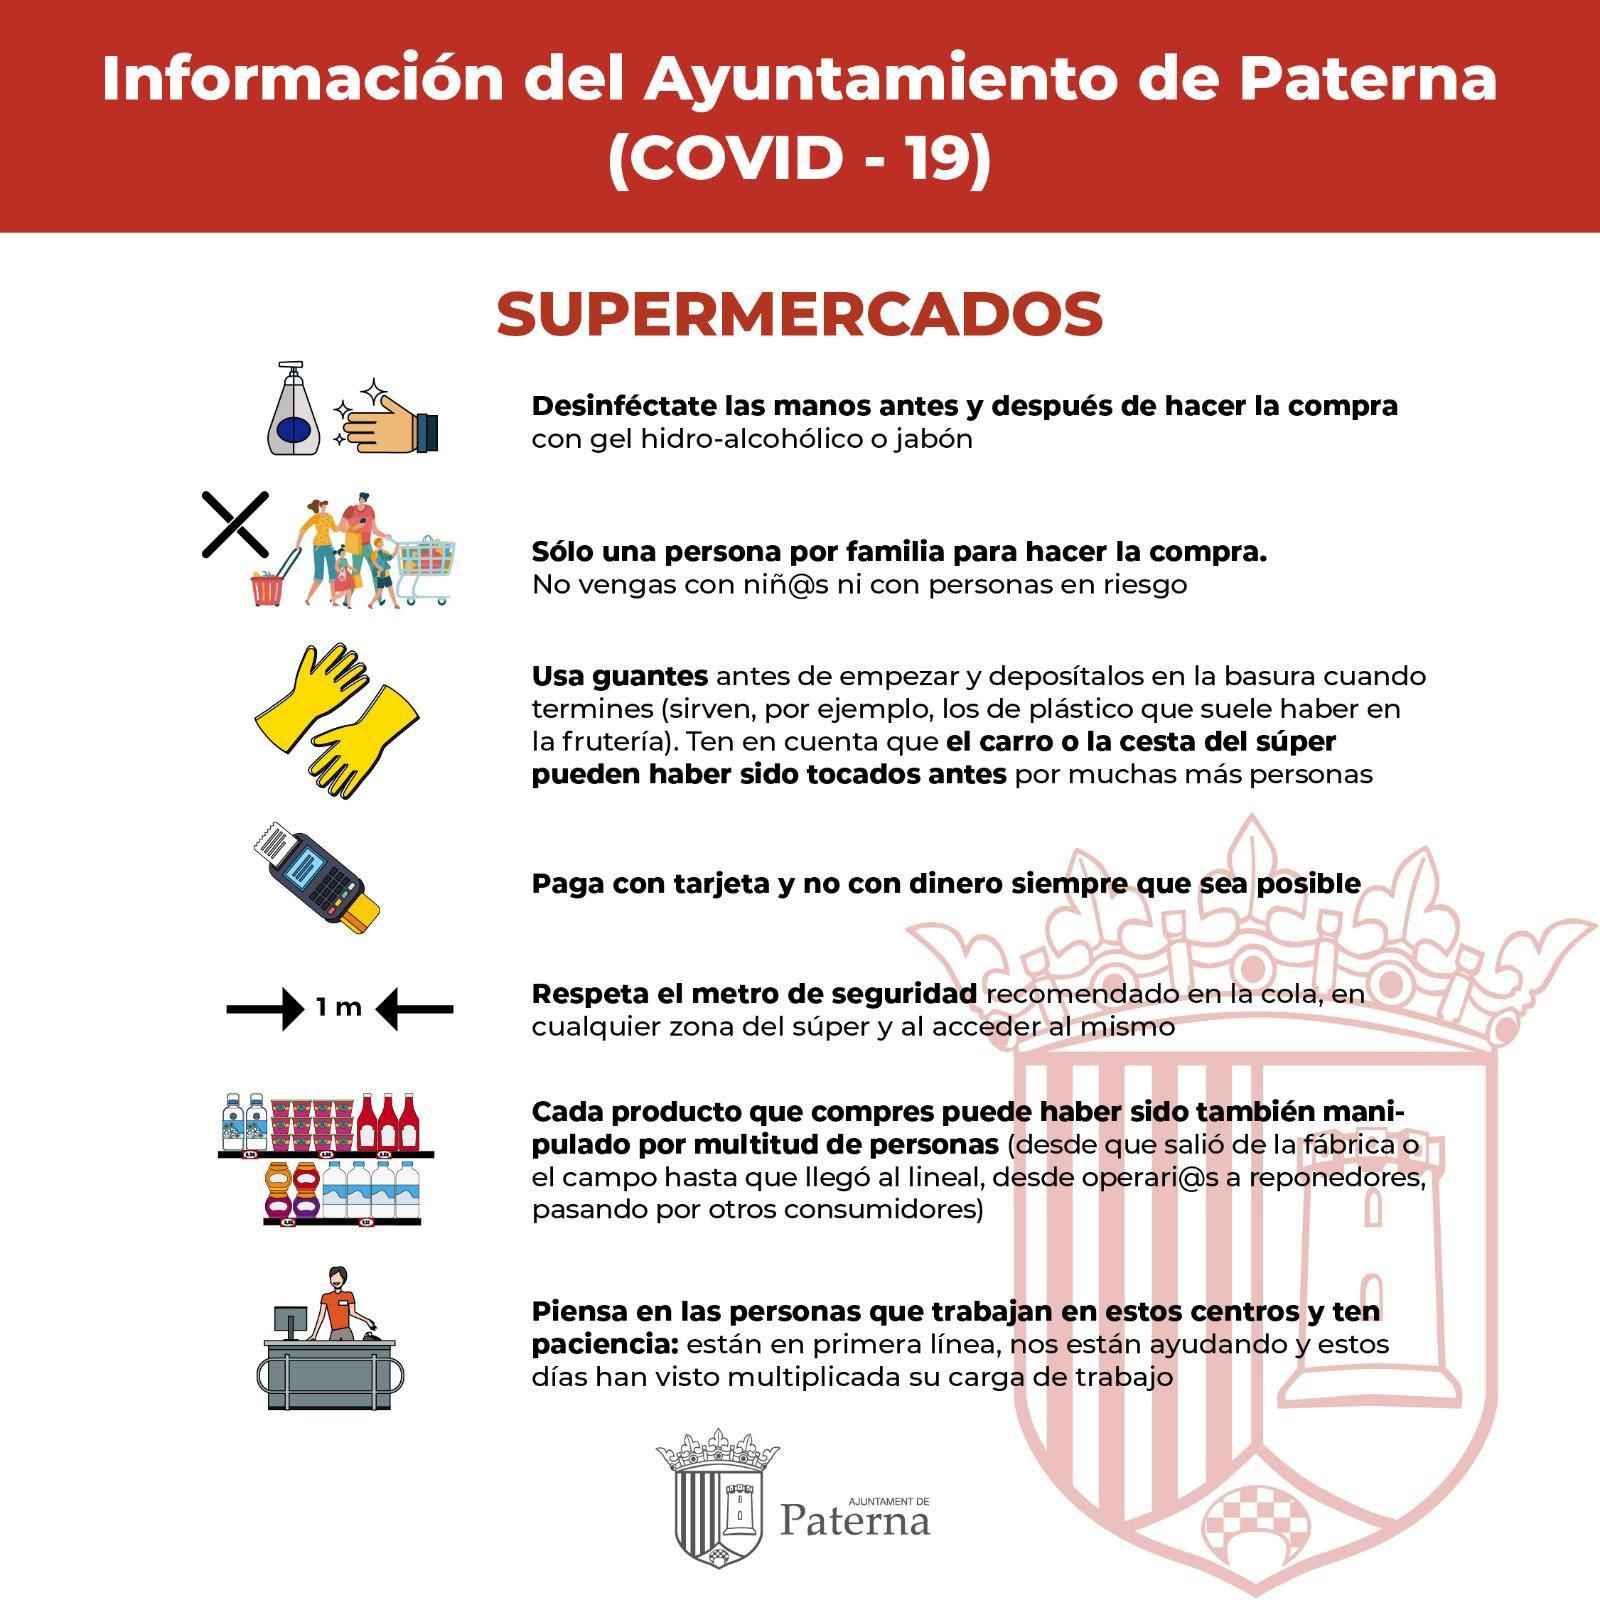 Información del Ayuntamiento de Paterna - Supermercados